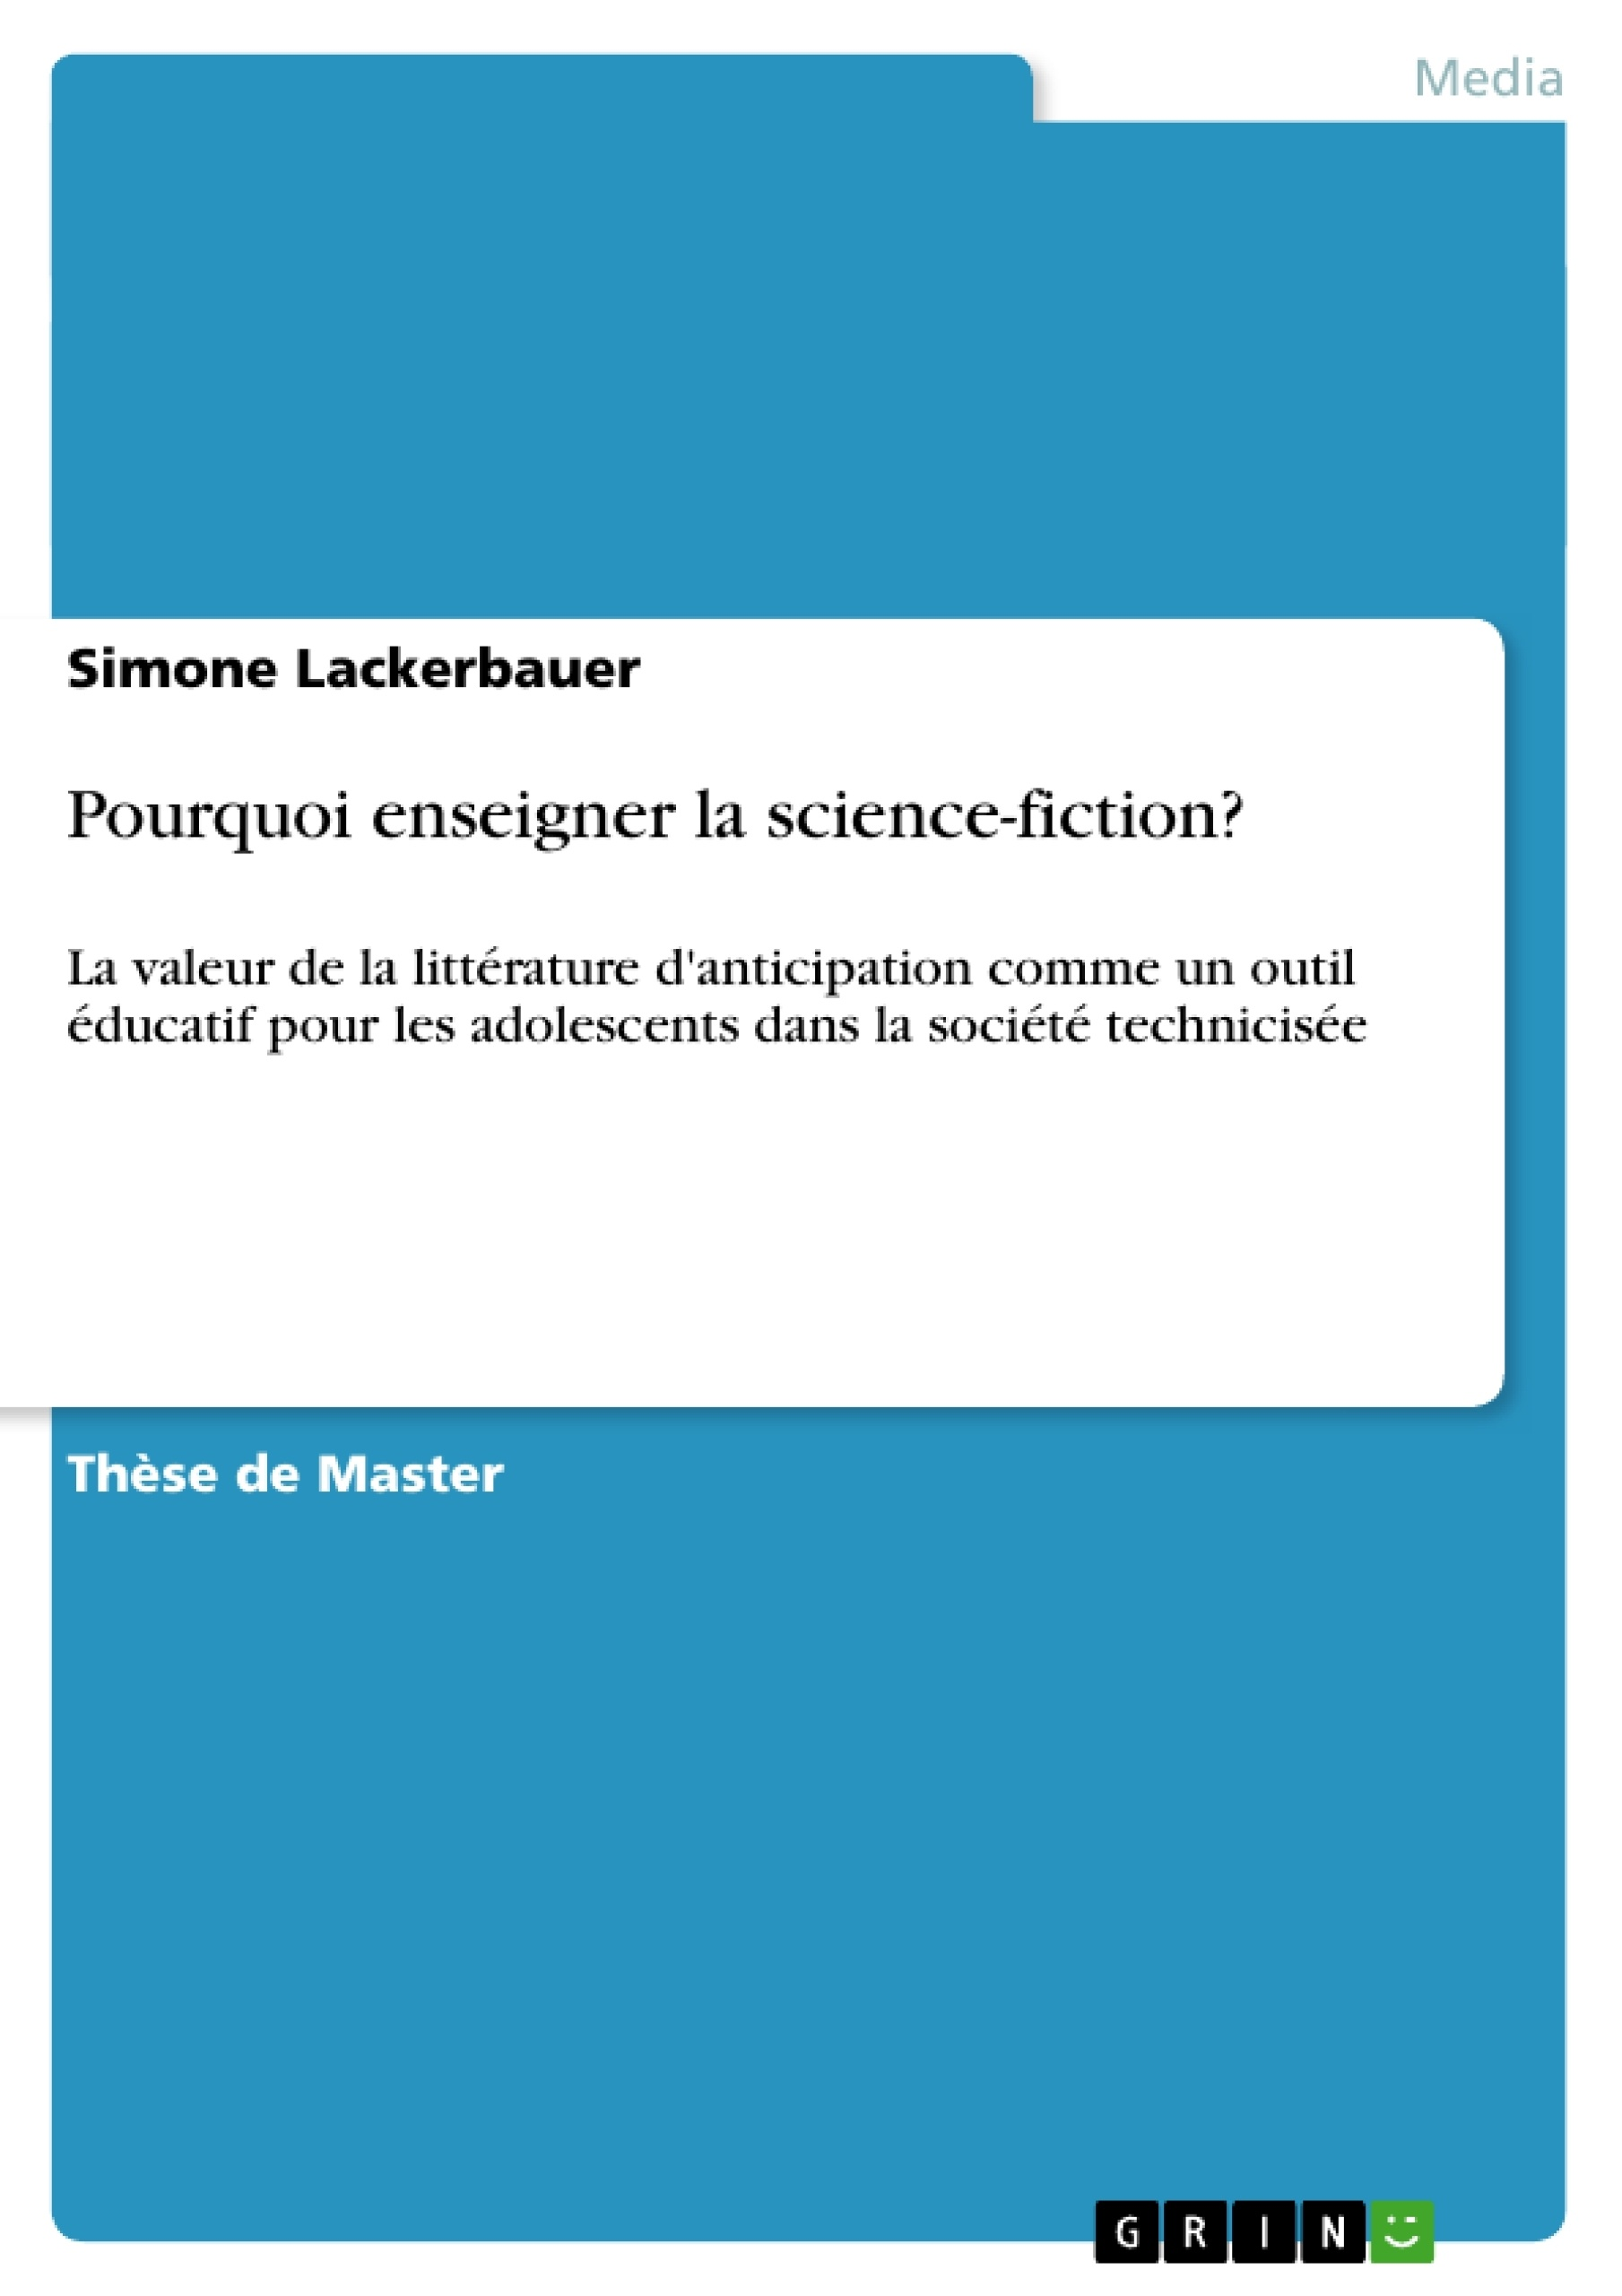 Titre: Pourquoi enseigner la science-fiction?